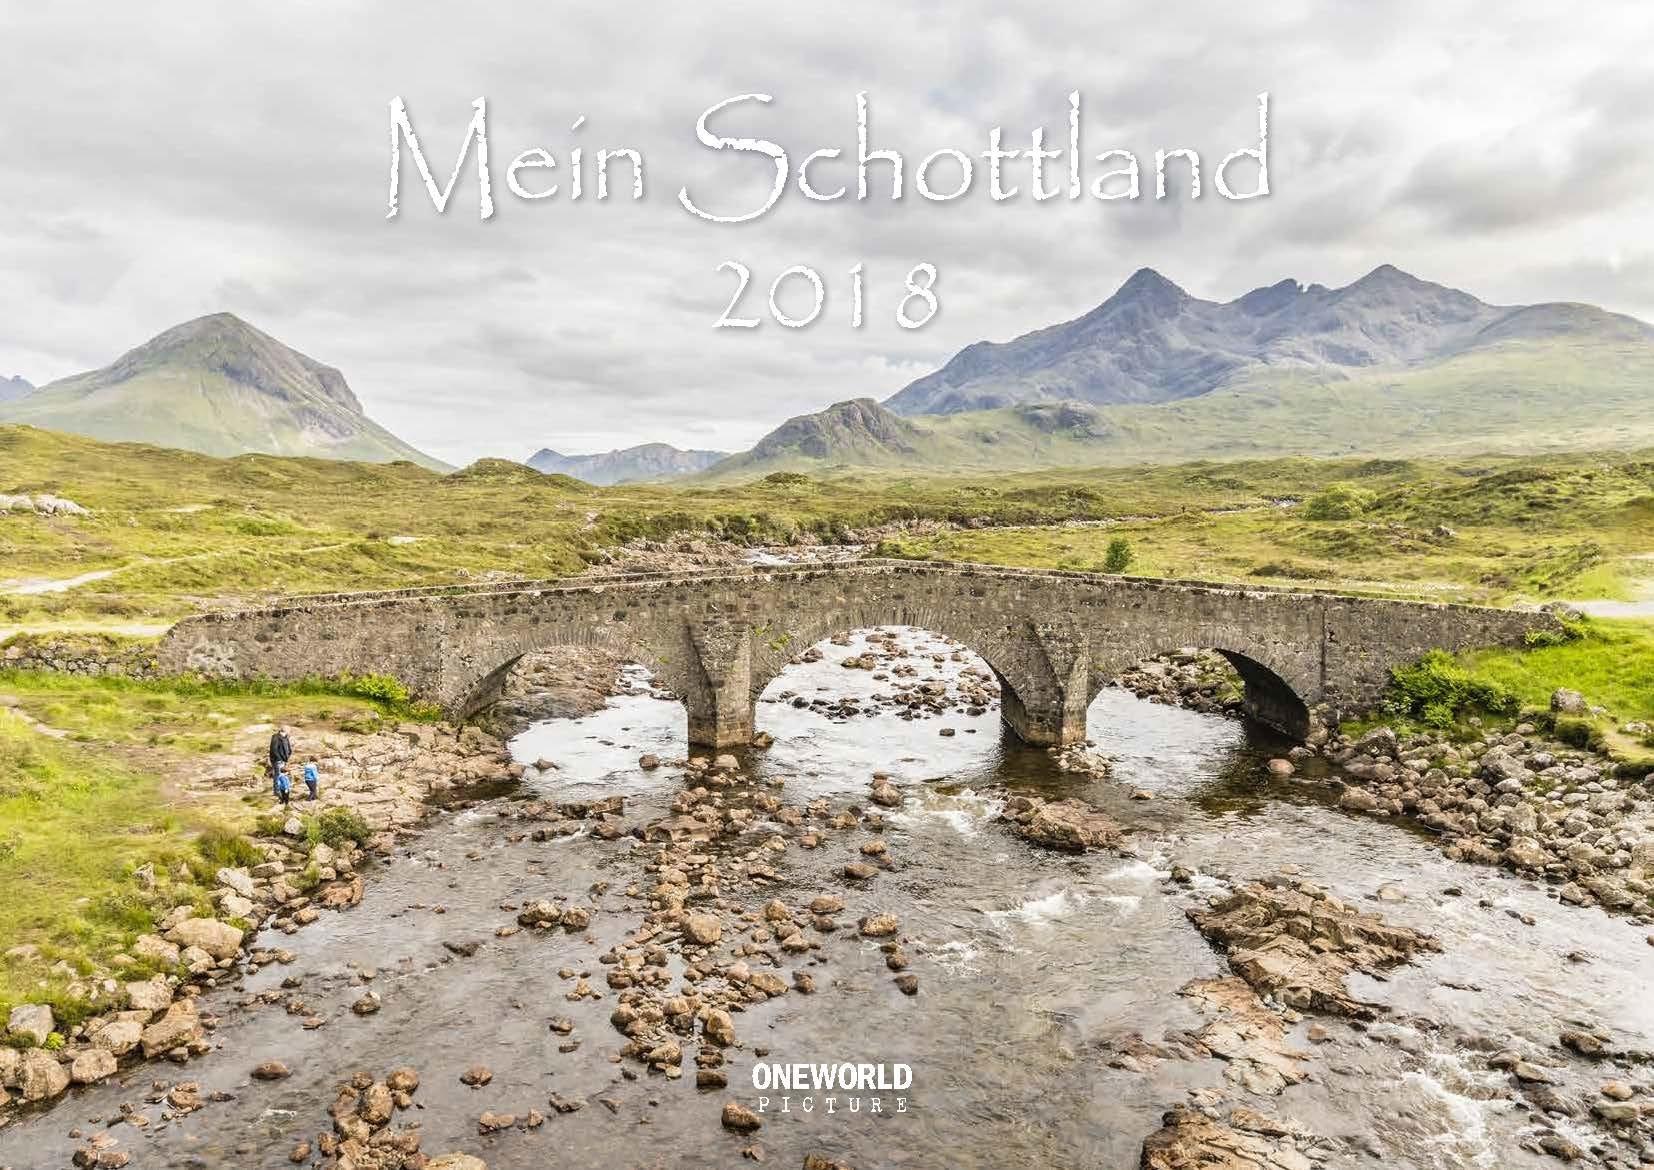 Mein Schottland - Kalender 2018 - ONEWORLD PICTURE - Wandkalender - 42 cm x 30 cm